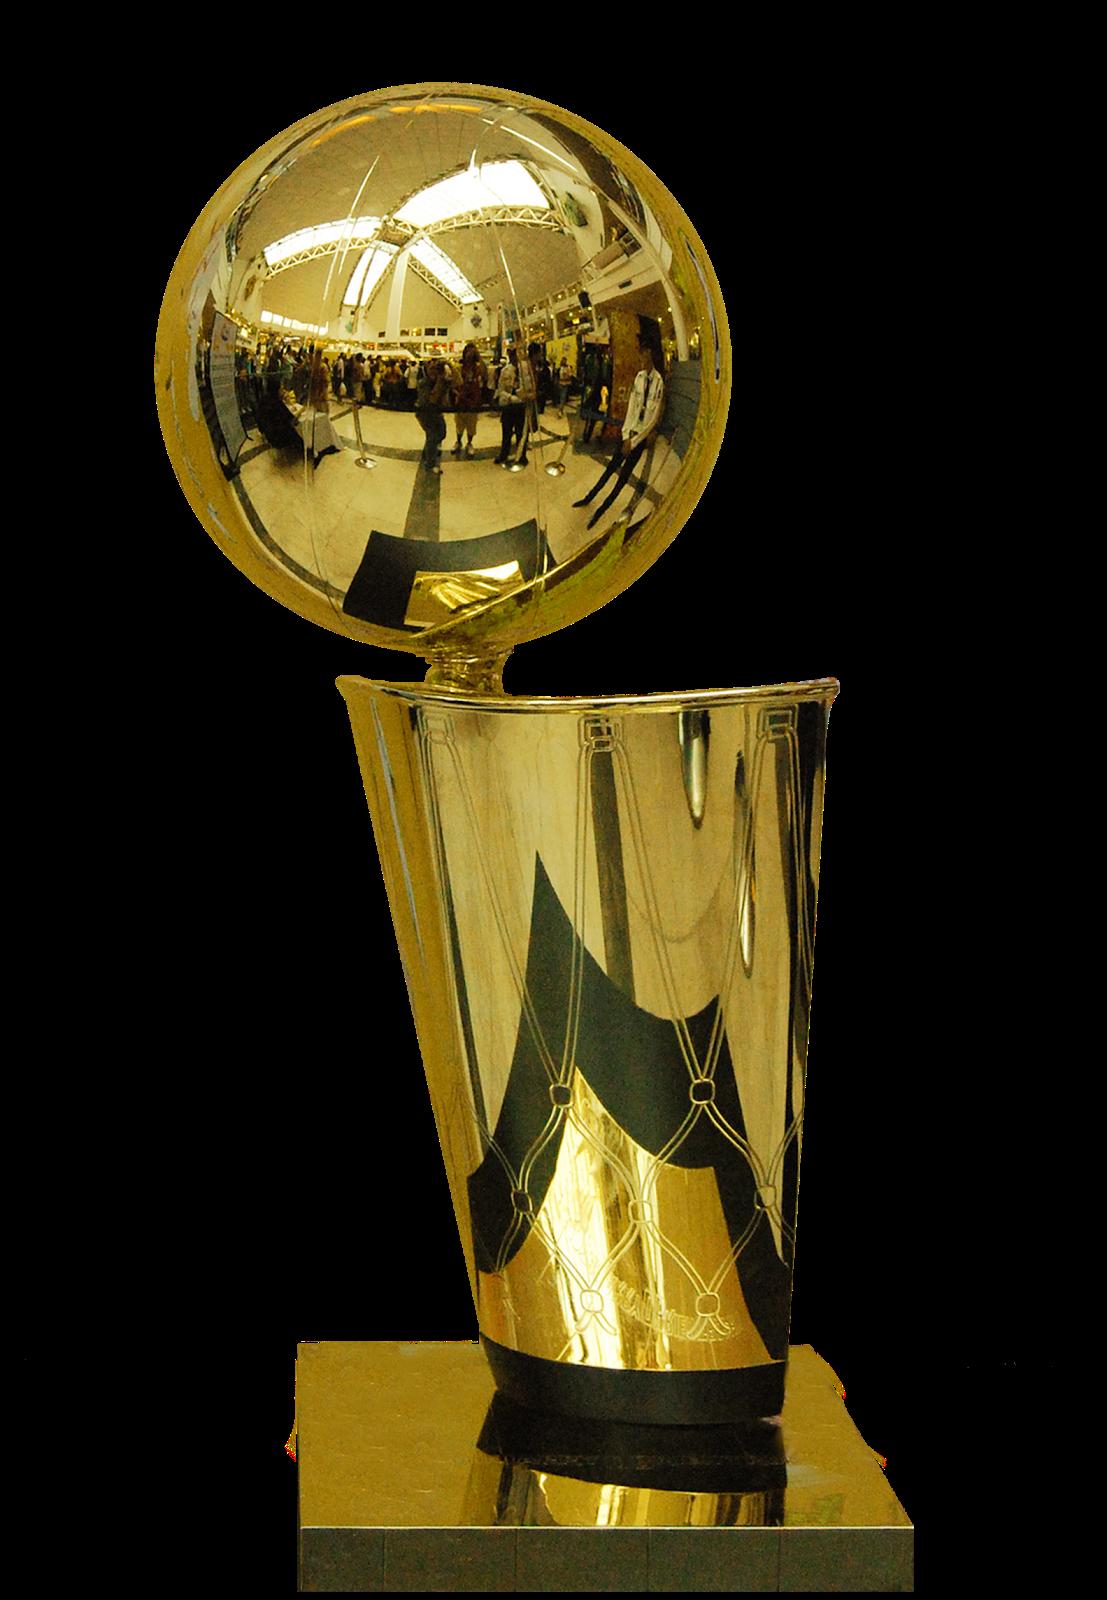 theKONGBLOG™: NBA FINALS 2015 INTERVIEW #3 w/ LEBRON JAMES